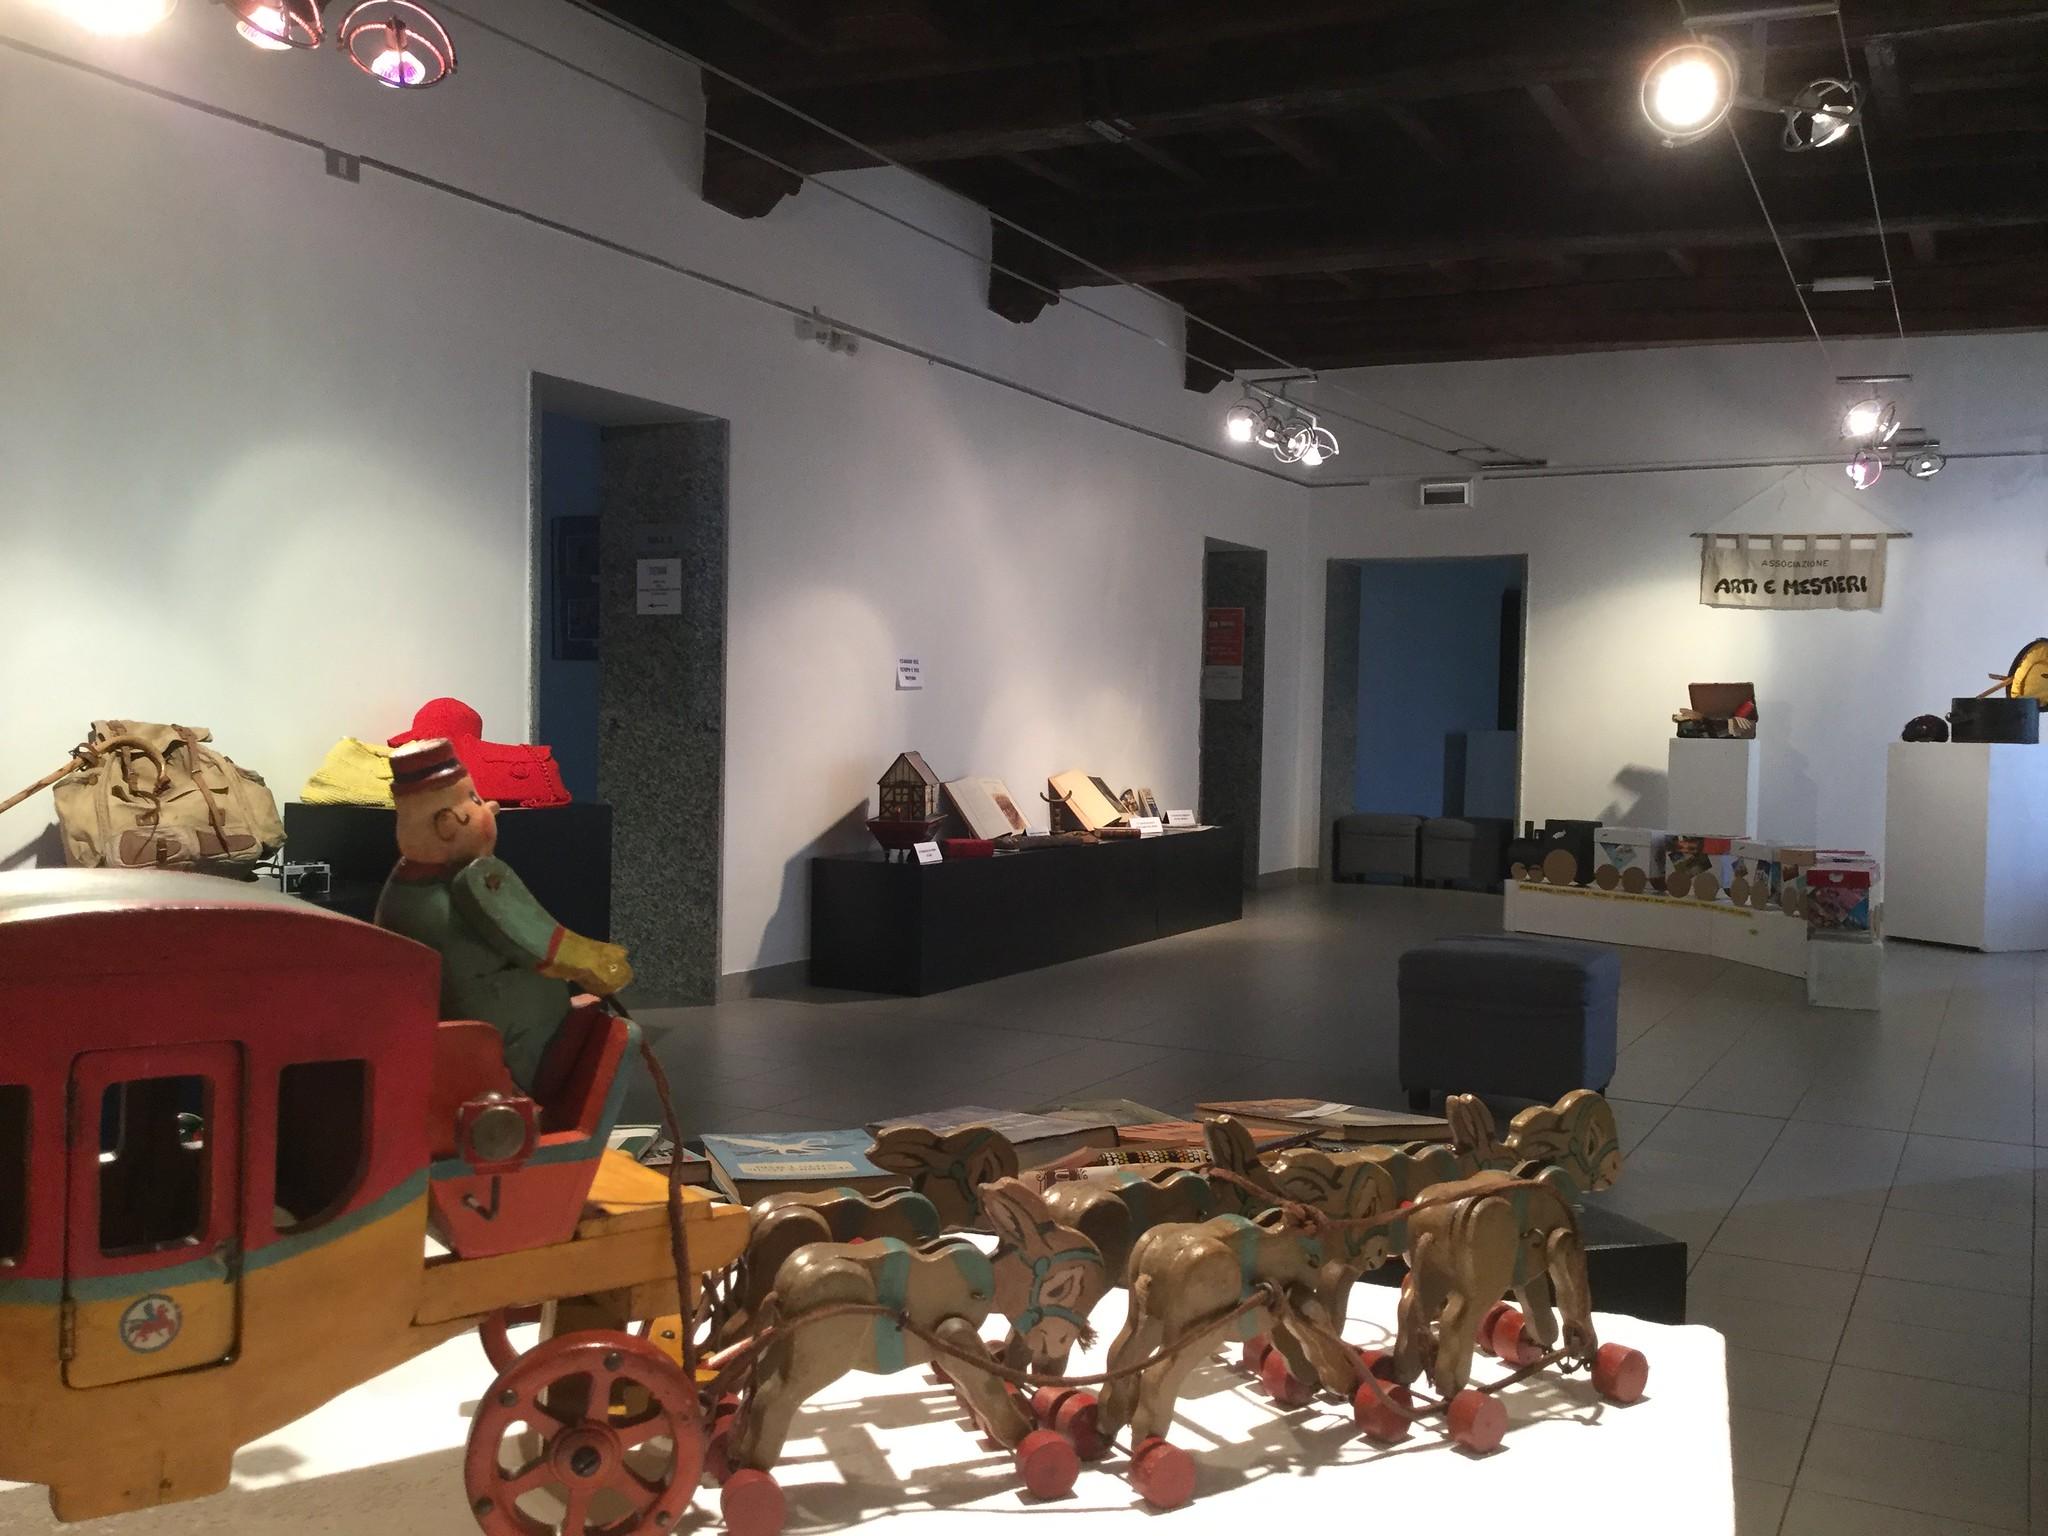 Arti e Mesrtieri: Il Viaggio